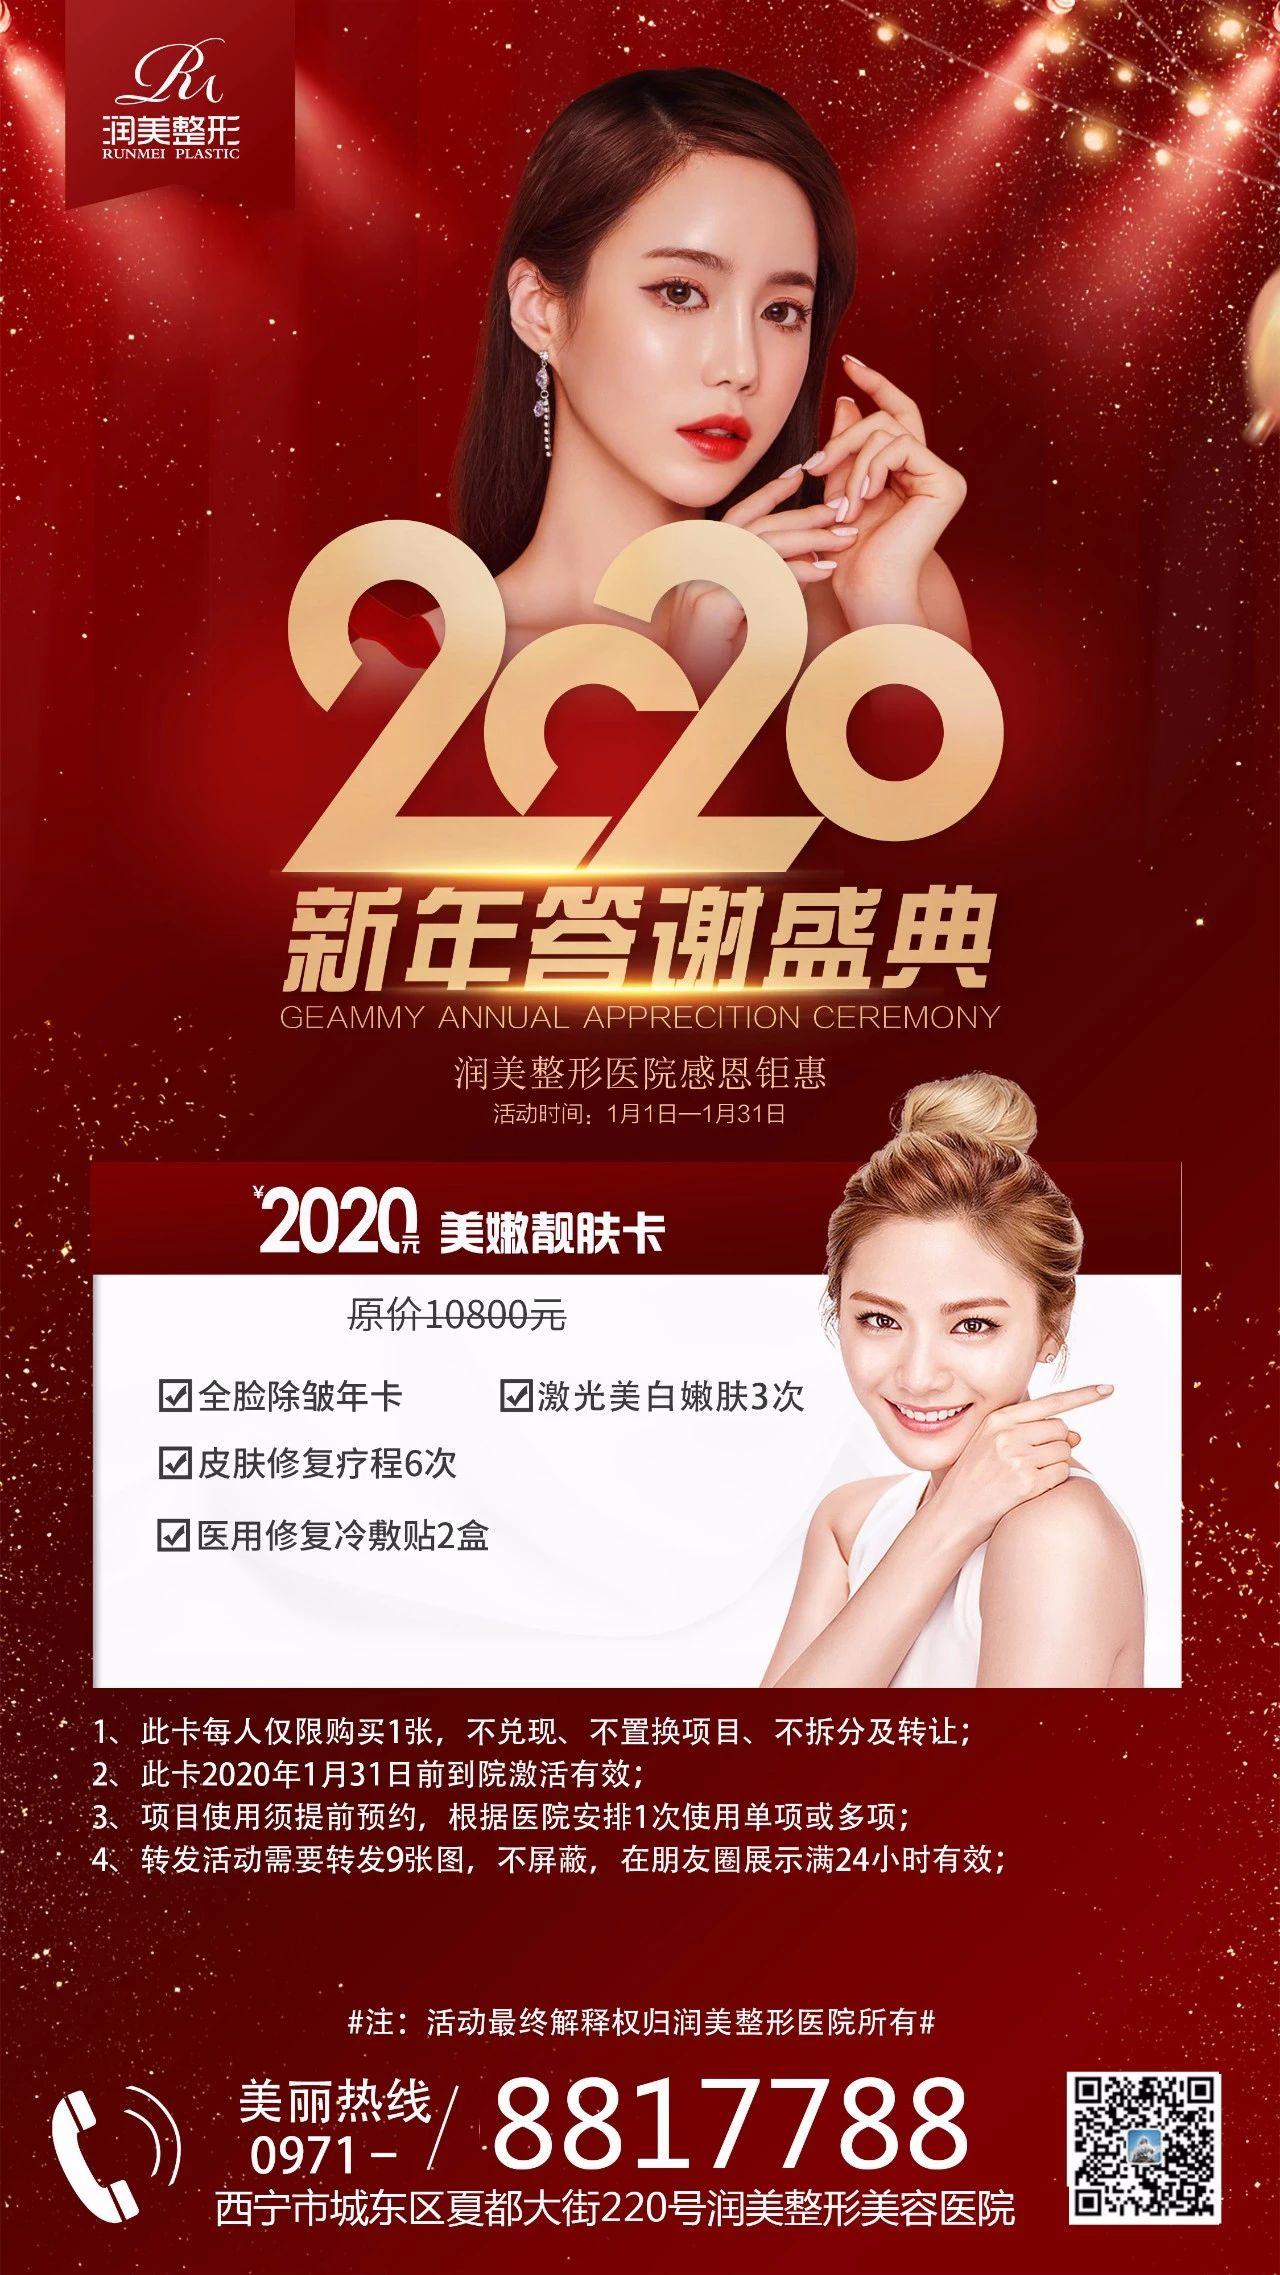 2020新年青海康华年关报答盛典,2020元支付美嫩靓肤卡